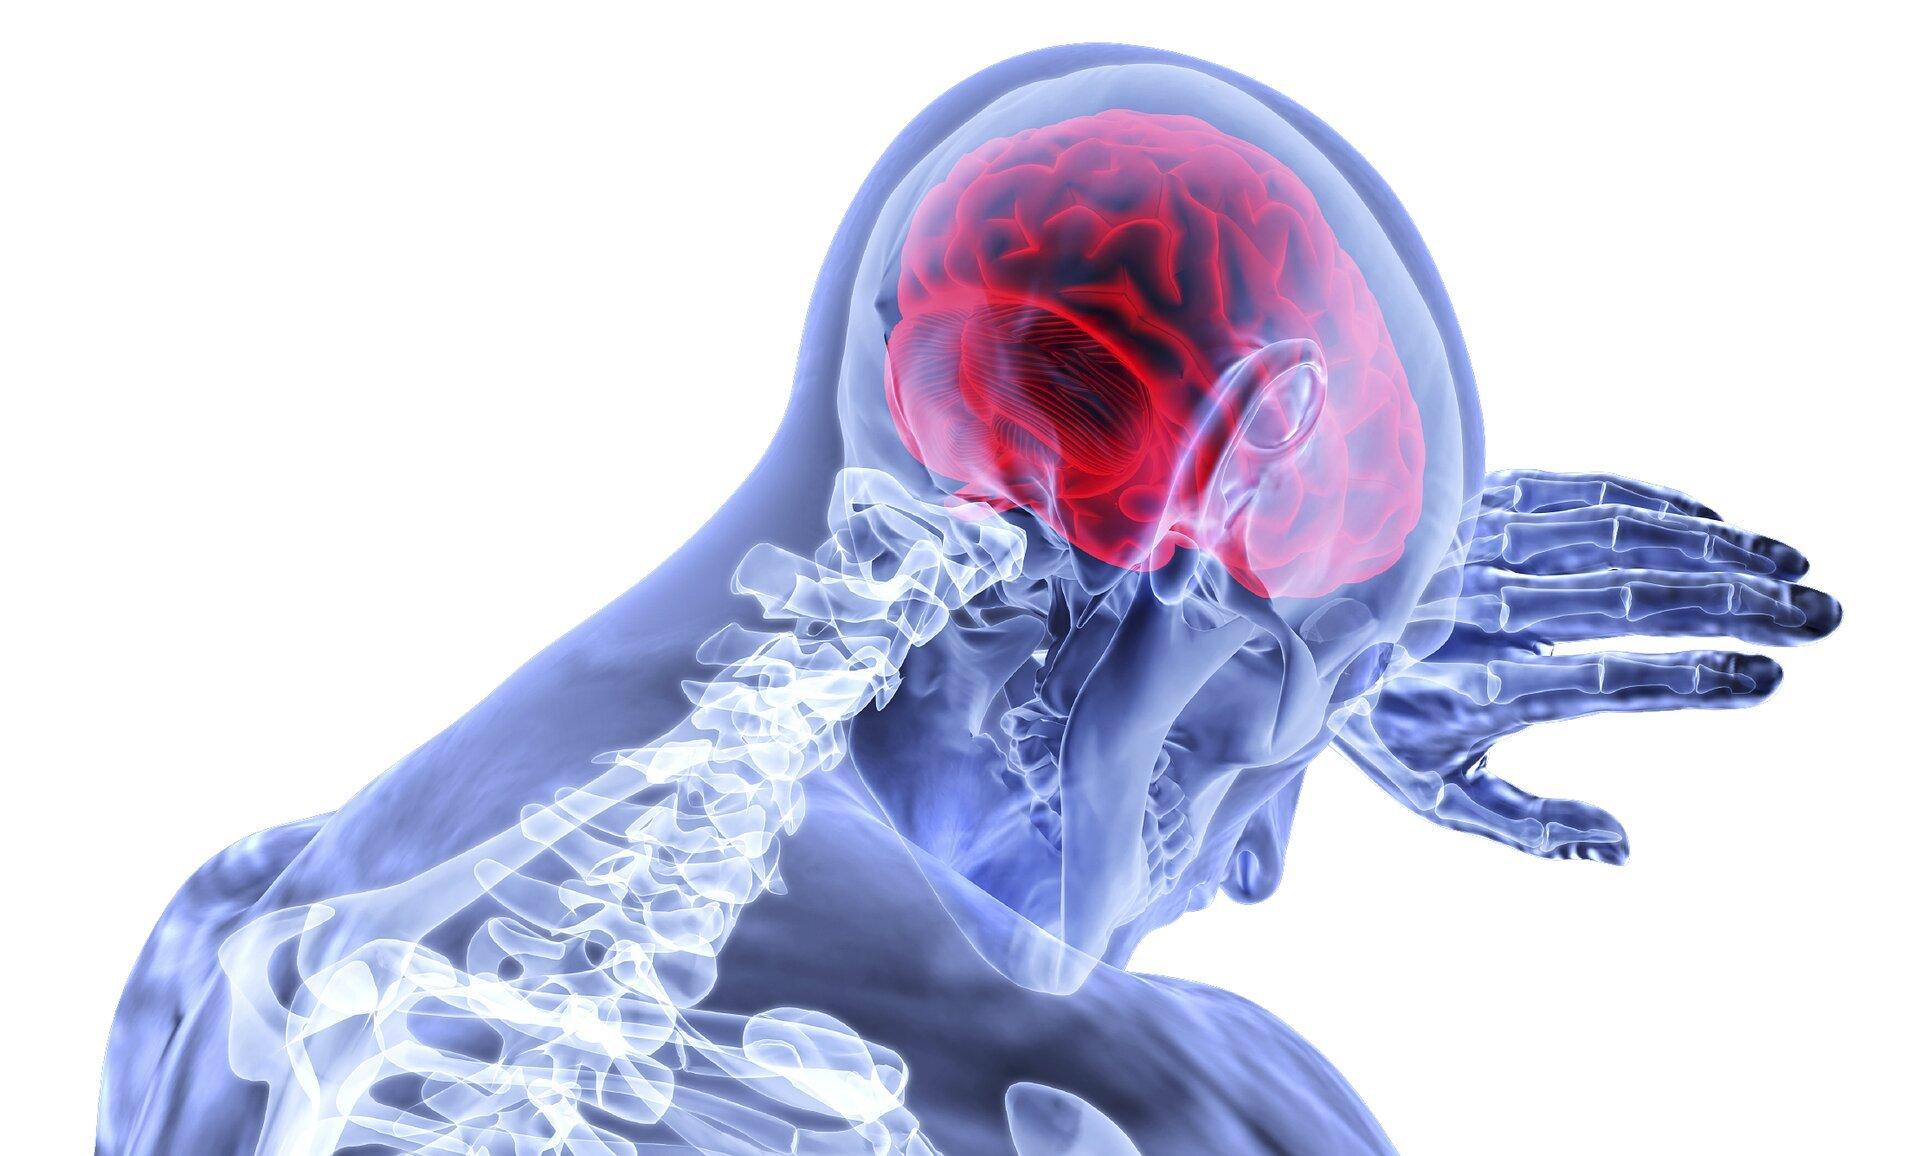 Mapping schaltkreise im Gehirn, die bei Neugeborenen kann Hilfe Früherkennung von Autismus